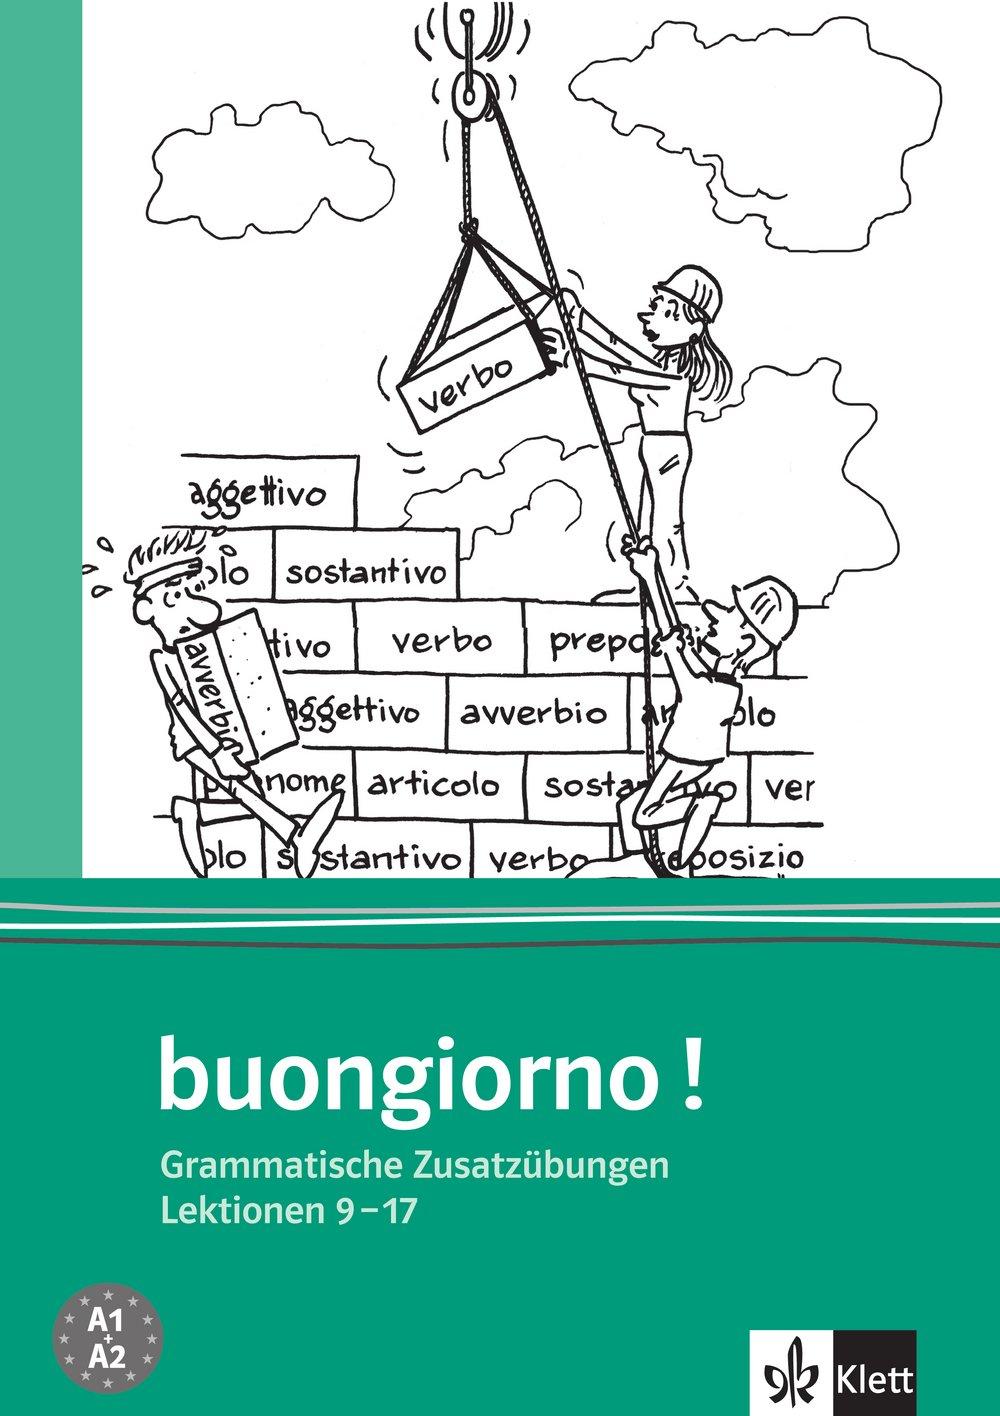 buongiorno-neuausgabe-grammatische-zusatzbungen-zum-lehrbuch-lektionen-9-17-buongiorno-italienisch-fr-anfnger-band-2